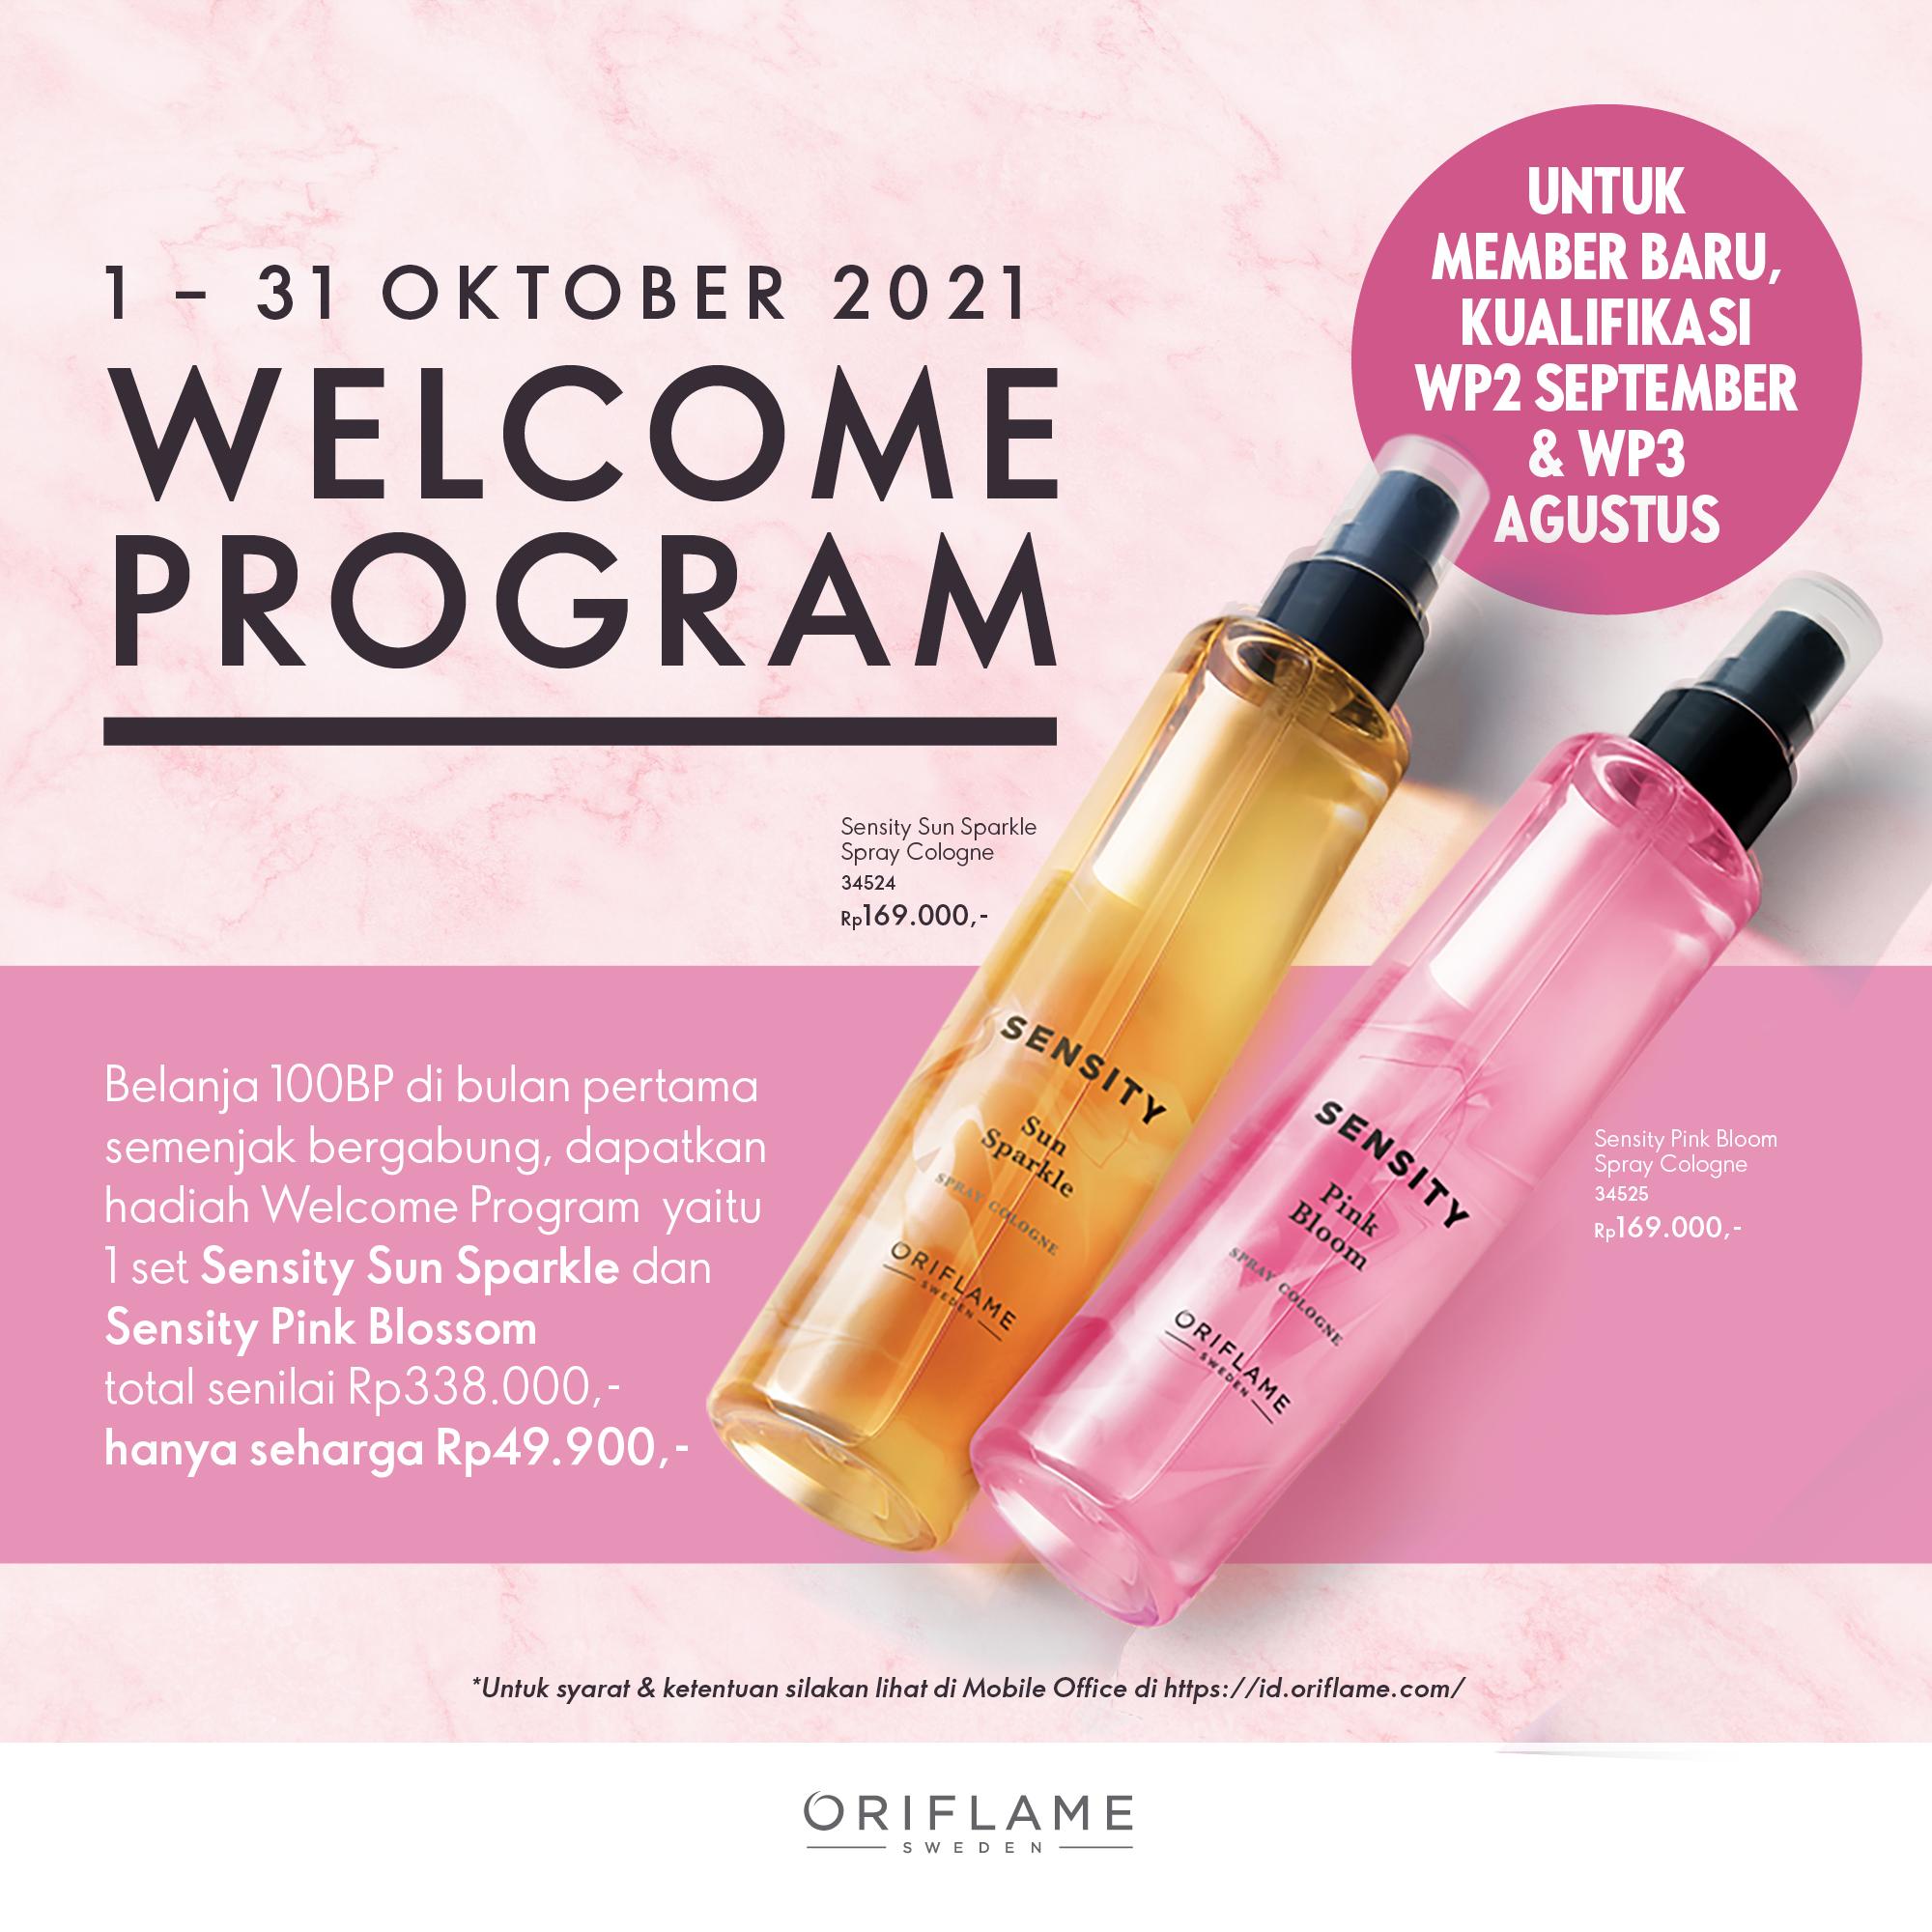 Hadiah tebus murah Welcome Program 1 Oriflame Oktober 2021